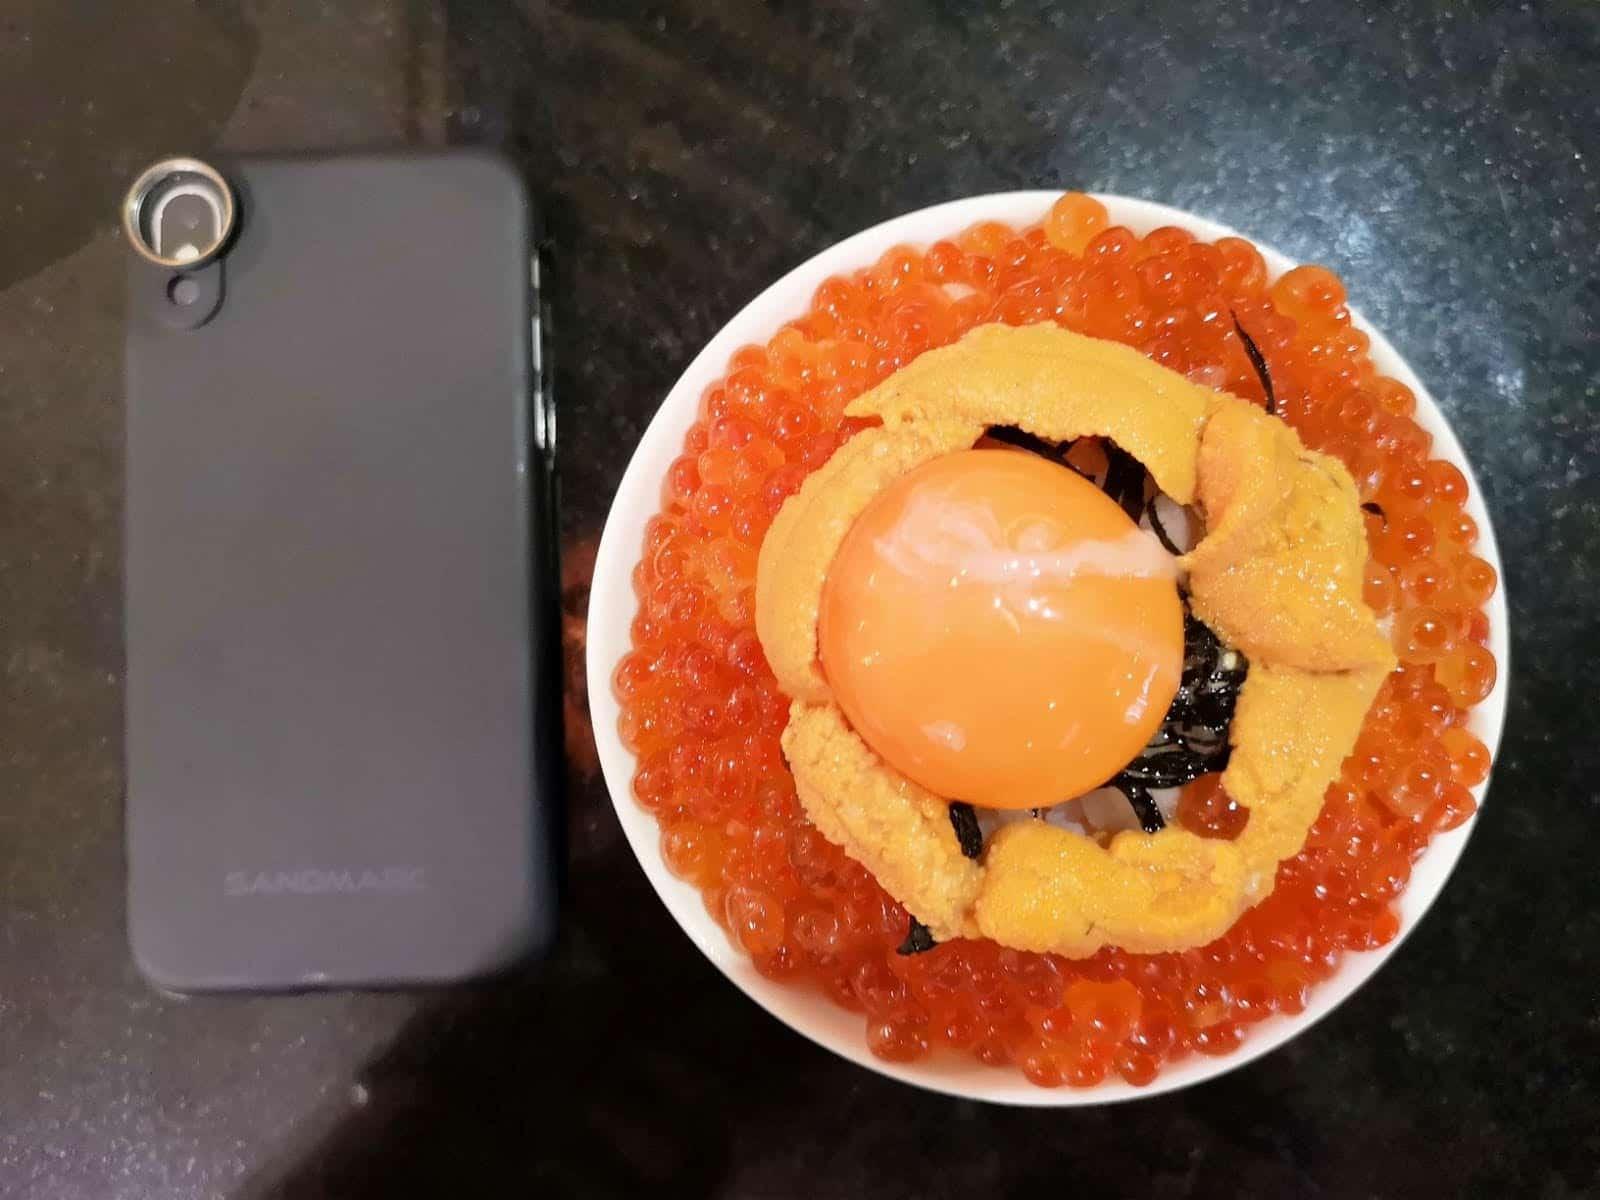 รีวิว Sushi Hiro MESHI เมนูใหม่กับสารพัดข้าวหน้าล้นชามกับไข่ไก่ญี่ปุ่น 12